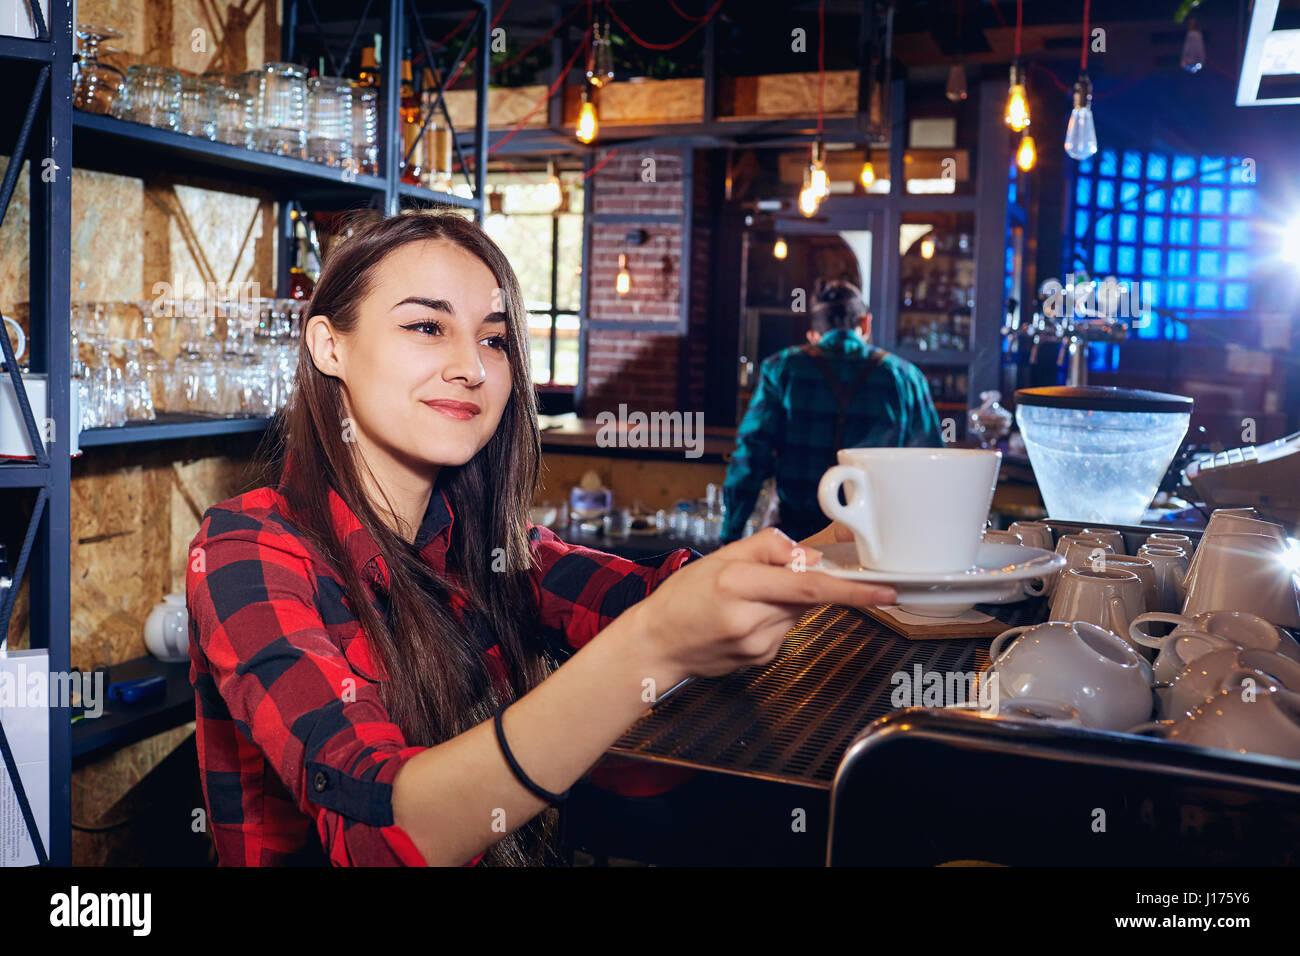 Il barista ragazza lavora presso il bar nel ristorante Immagini Stock